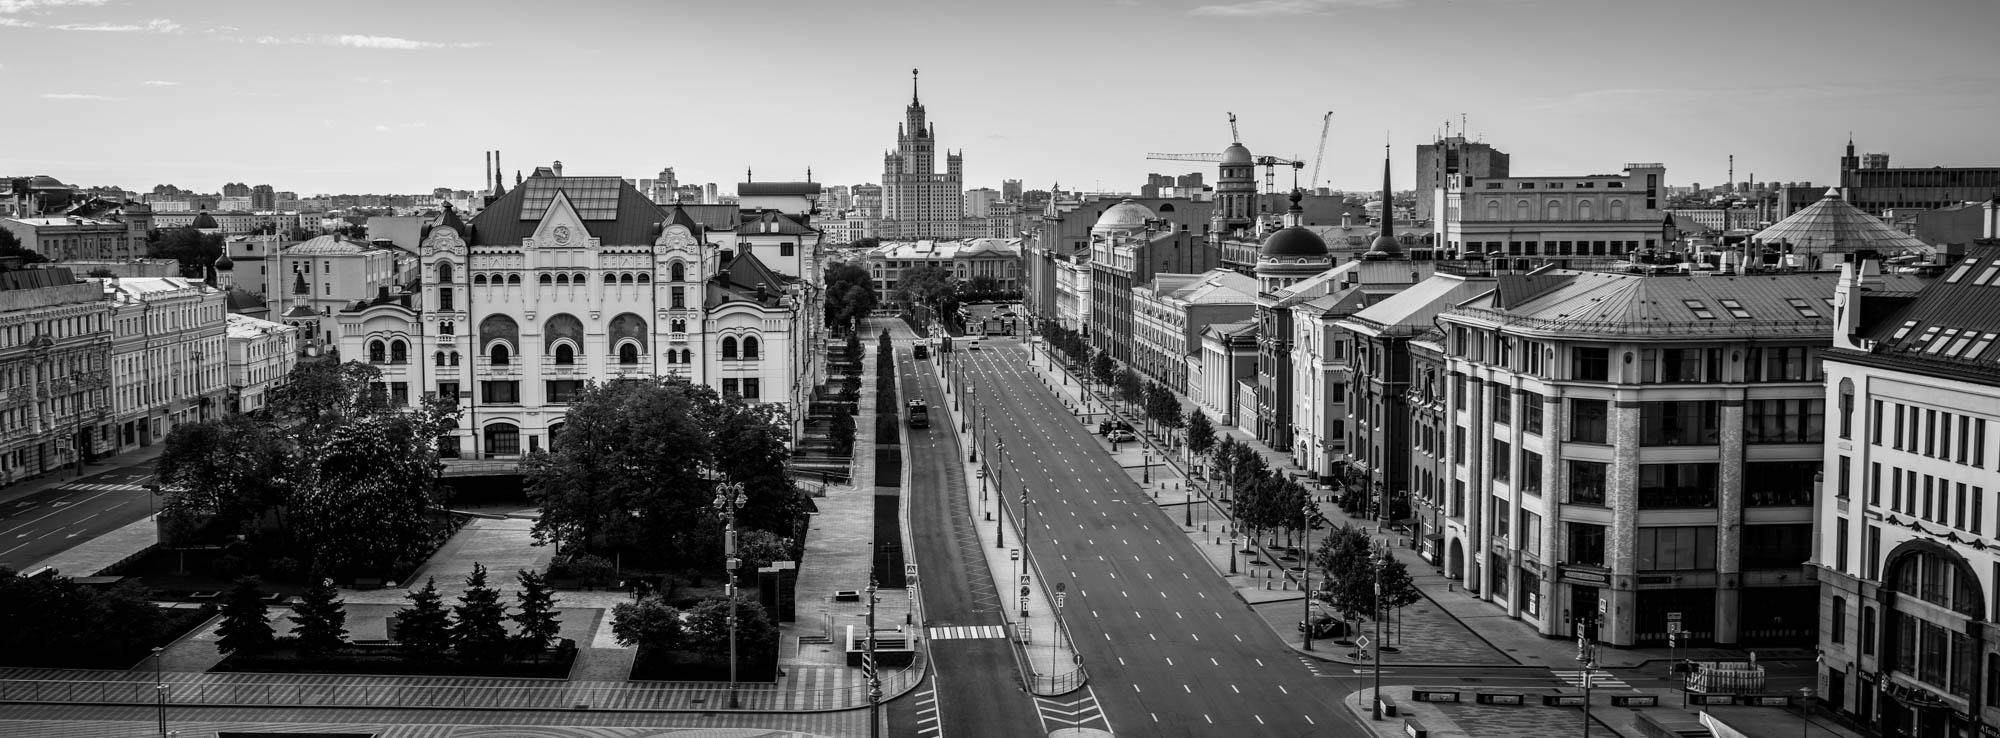 Политехнический музей и Новая площадь